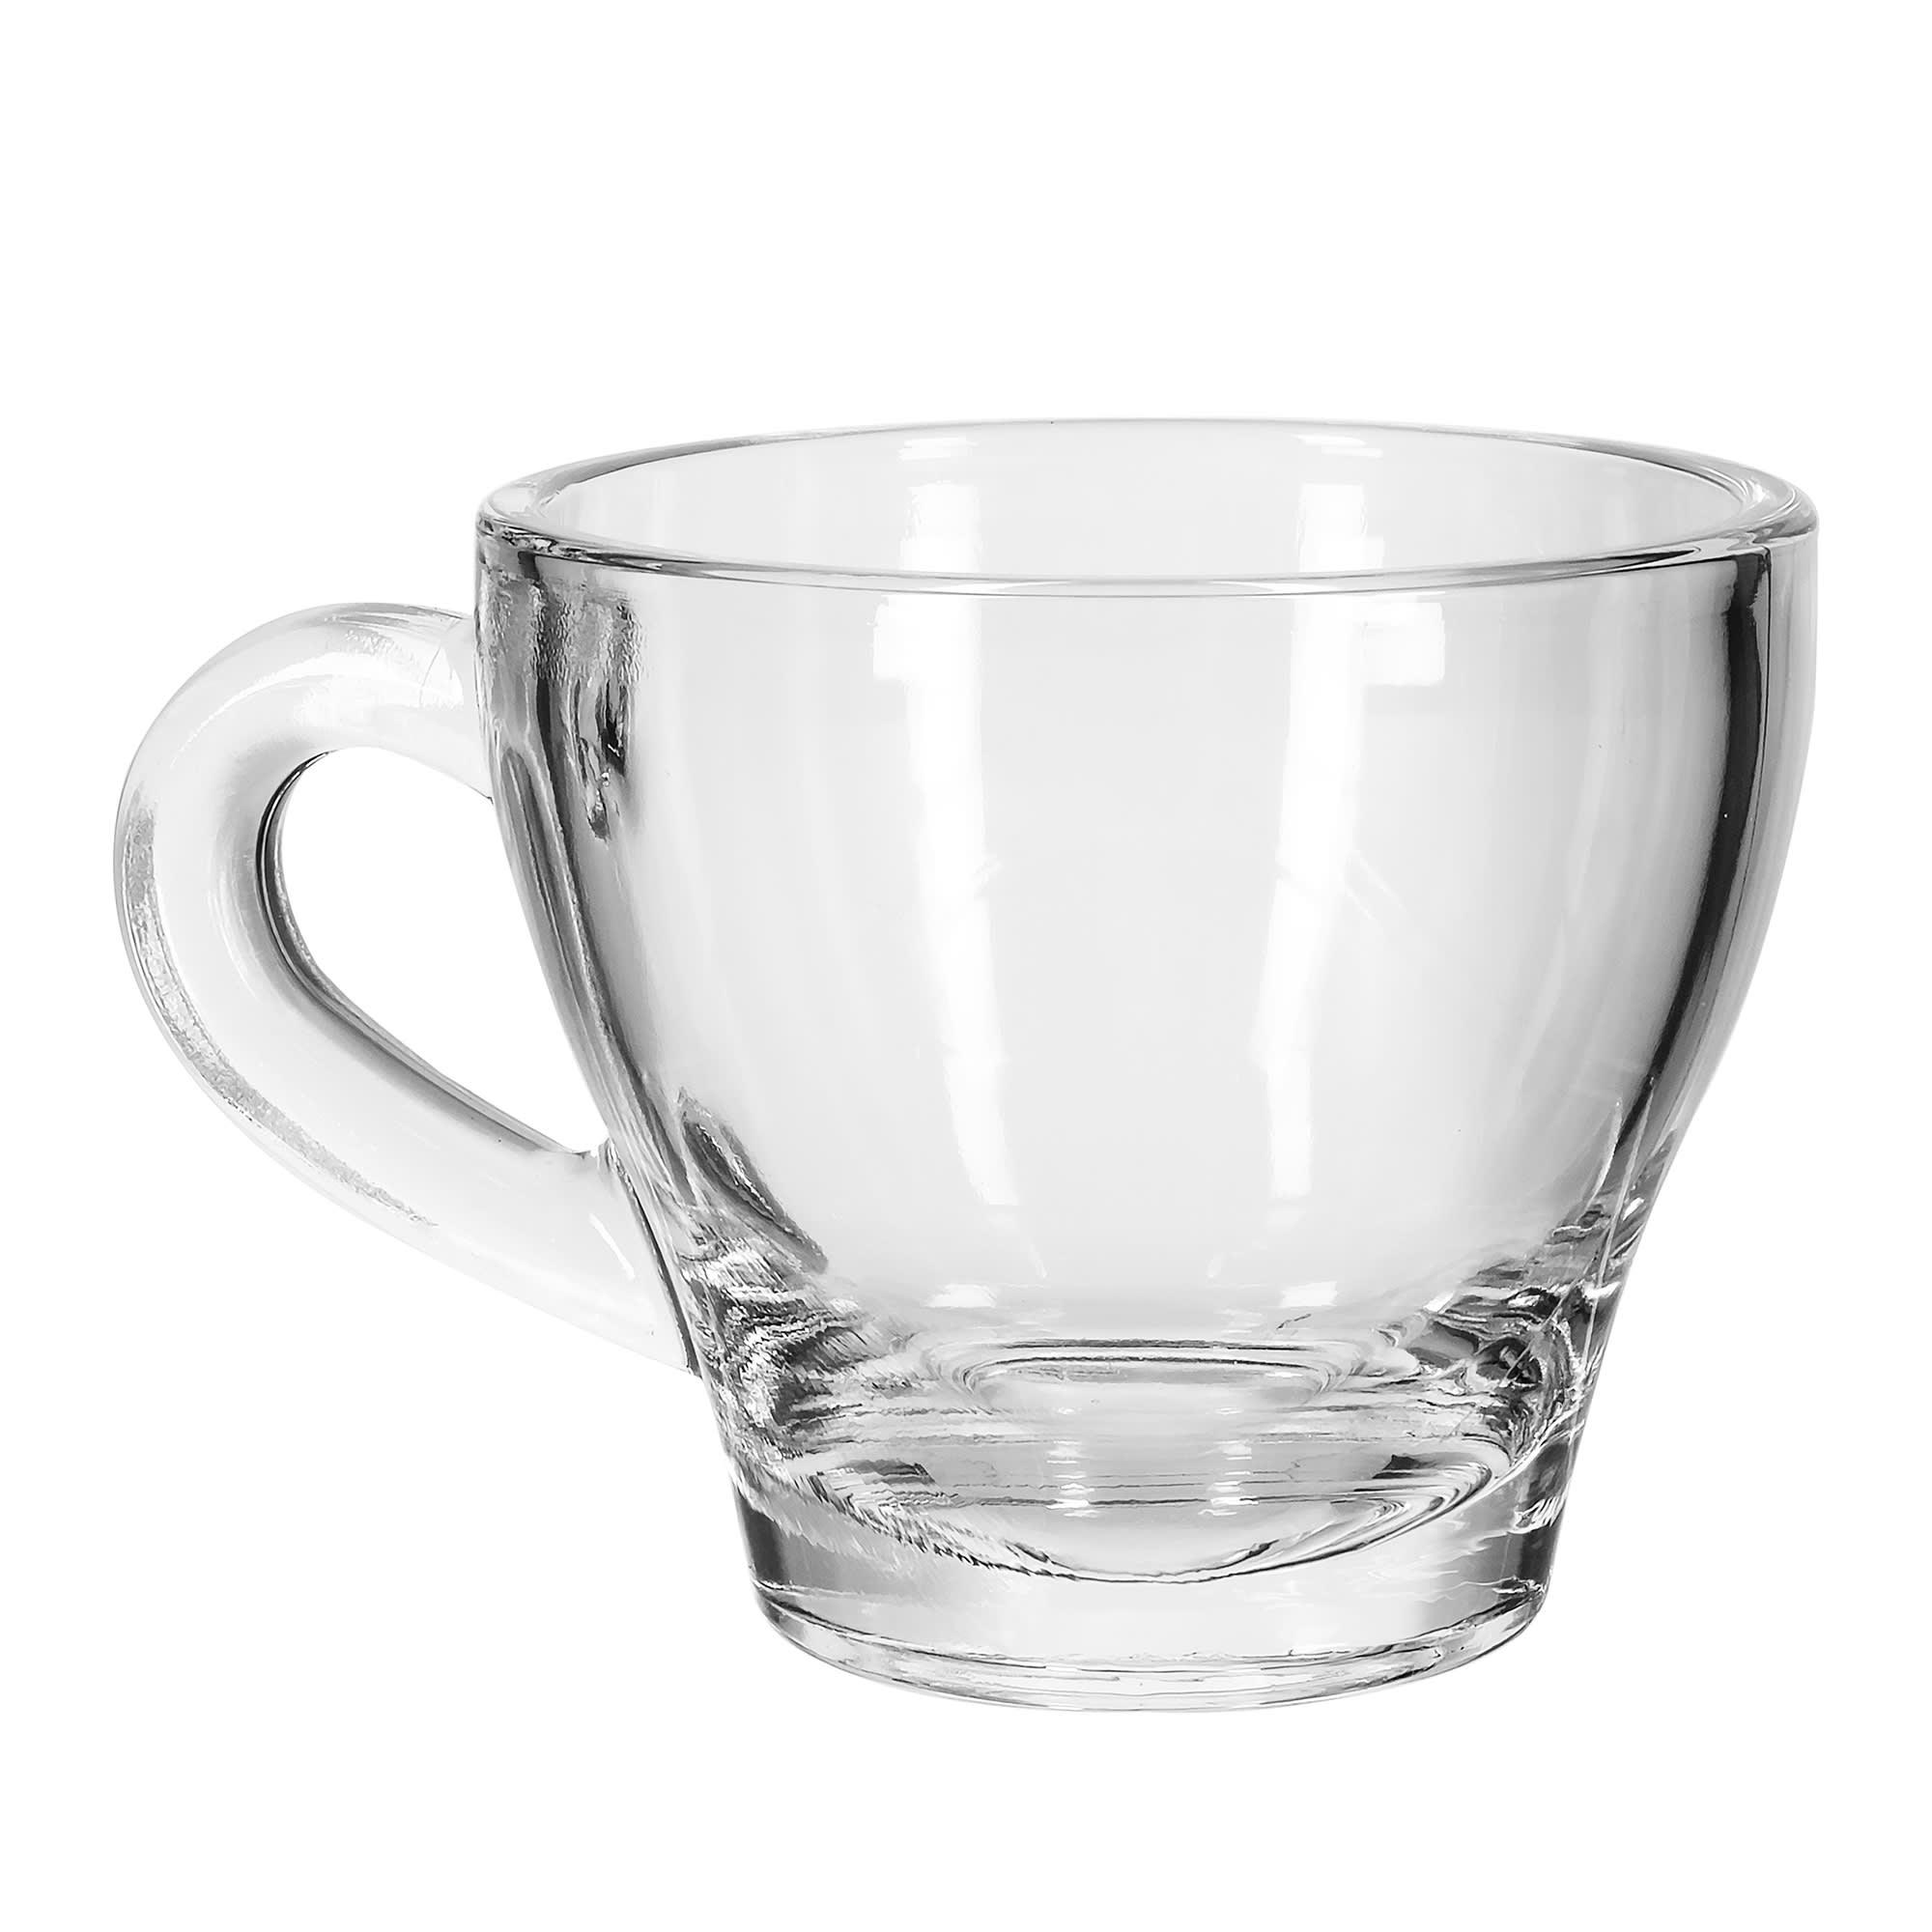 Libbey 13245220 2.75 oz Ischia Espresso Cup